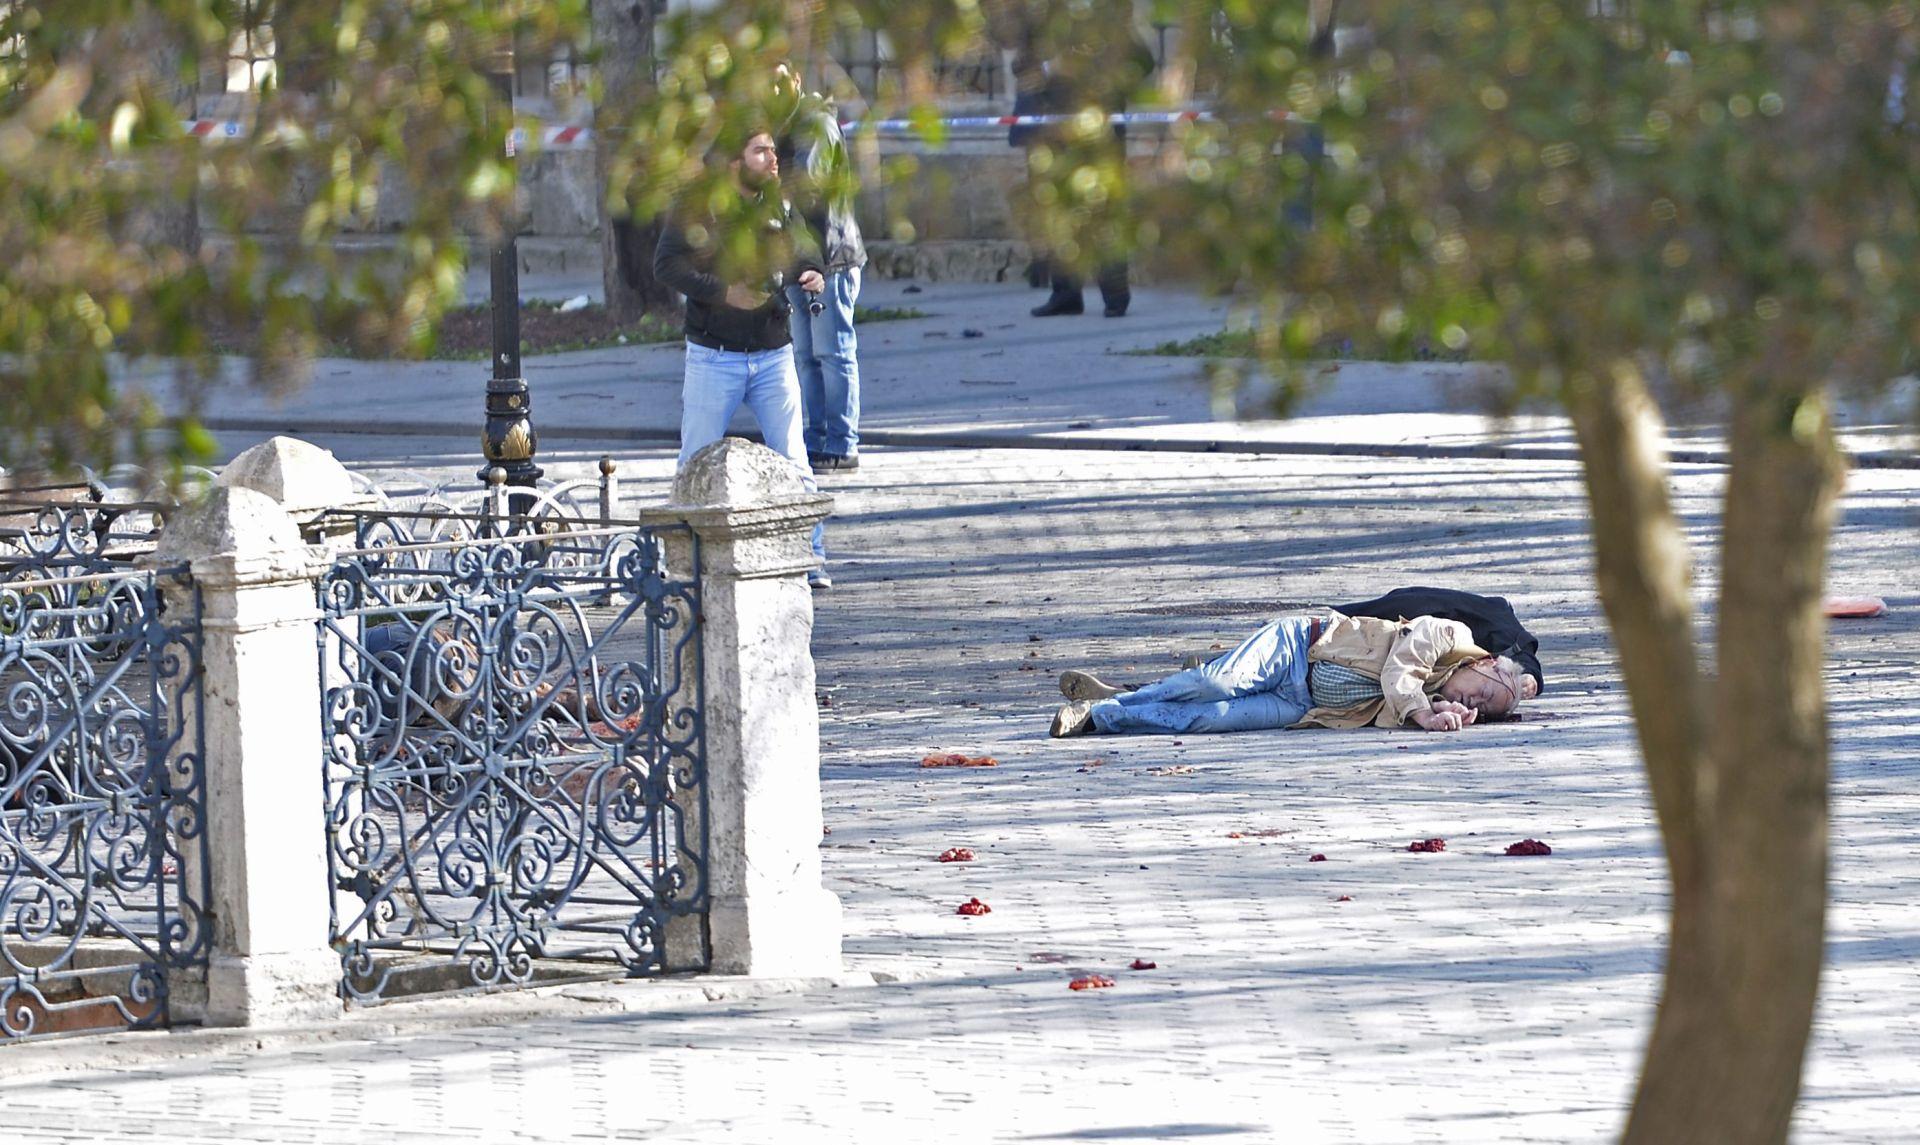 TERORISTIČKI NAPAD: Većina žrtava napada u Istanbulu njemački državljani